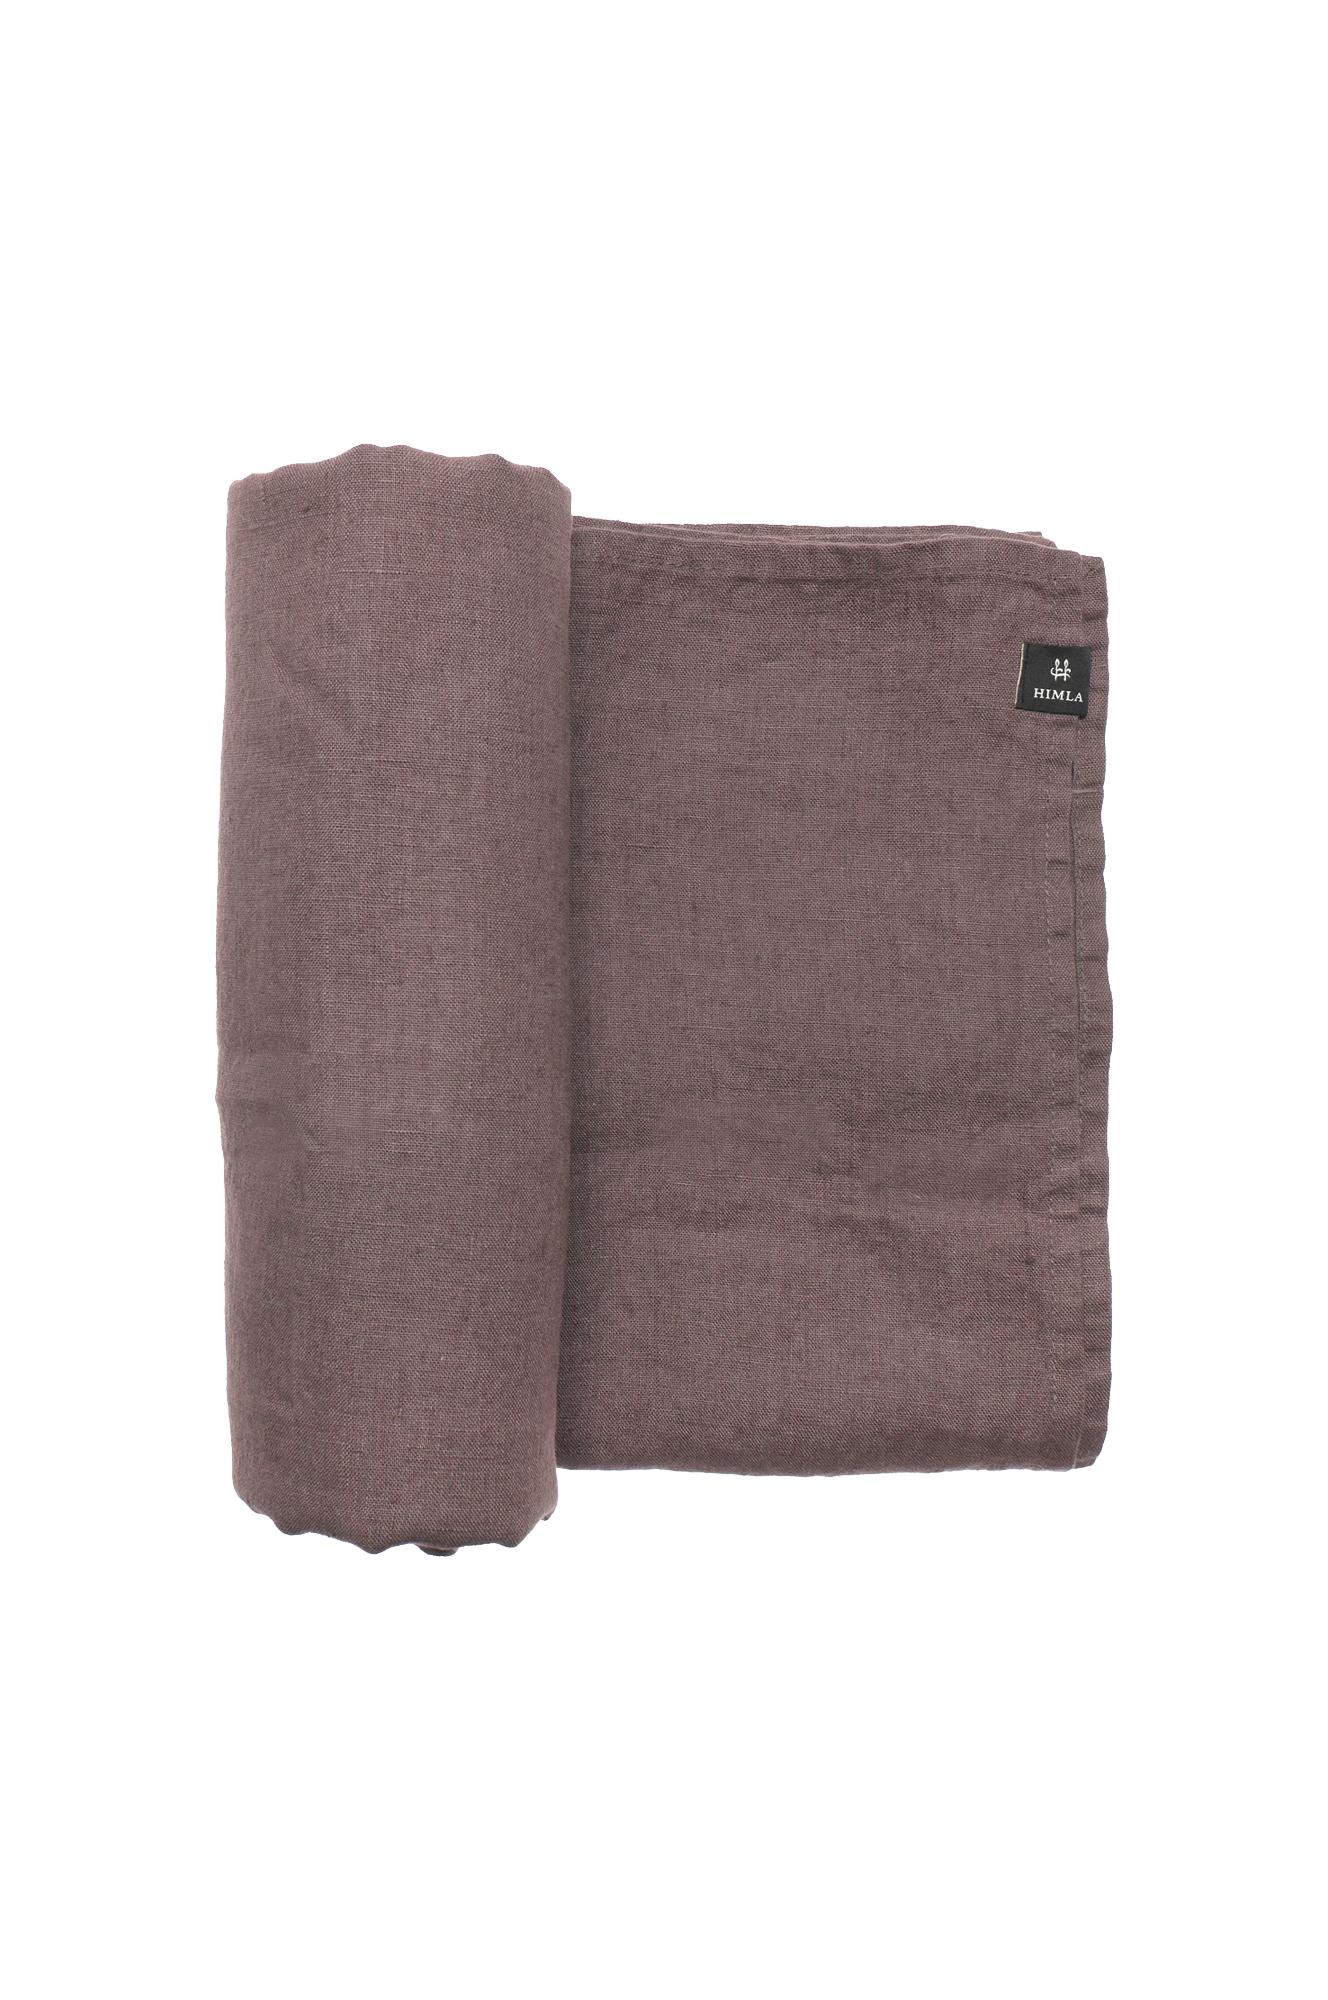 Mauve Sunshine Linen Tablecloth 145x250cm, 145x330cm, 160x330cm